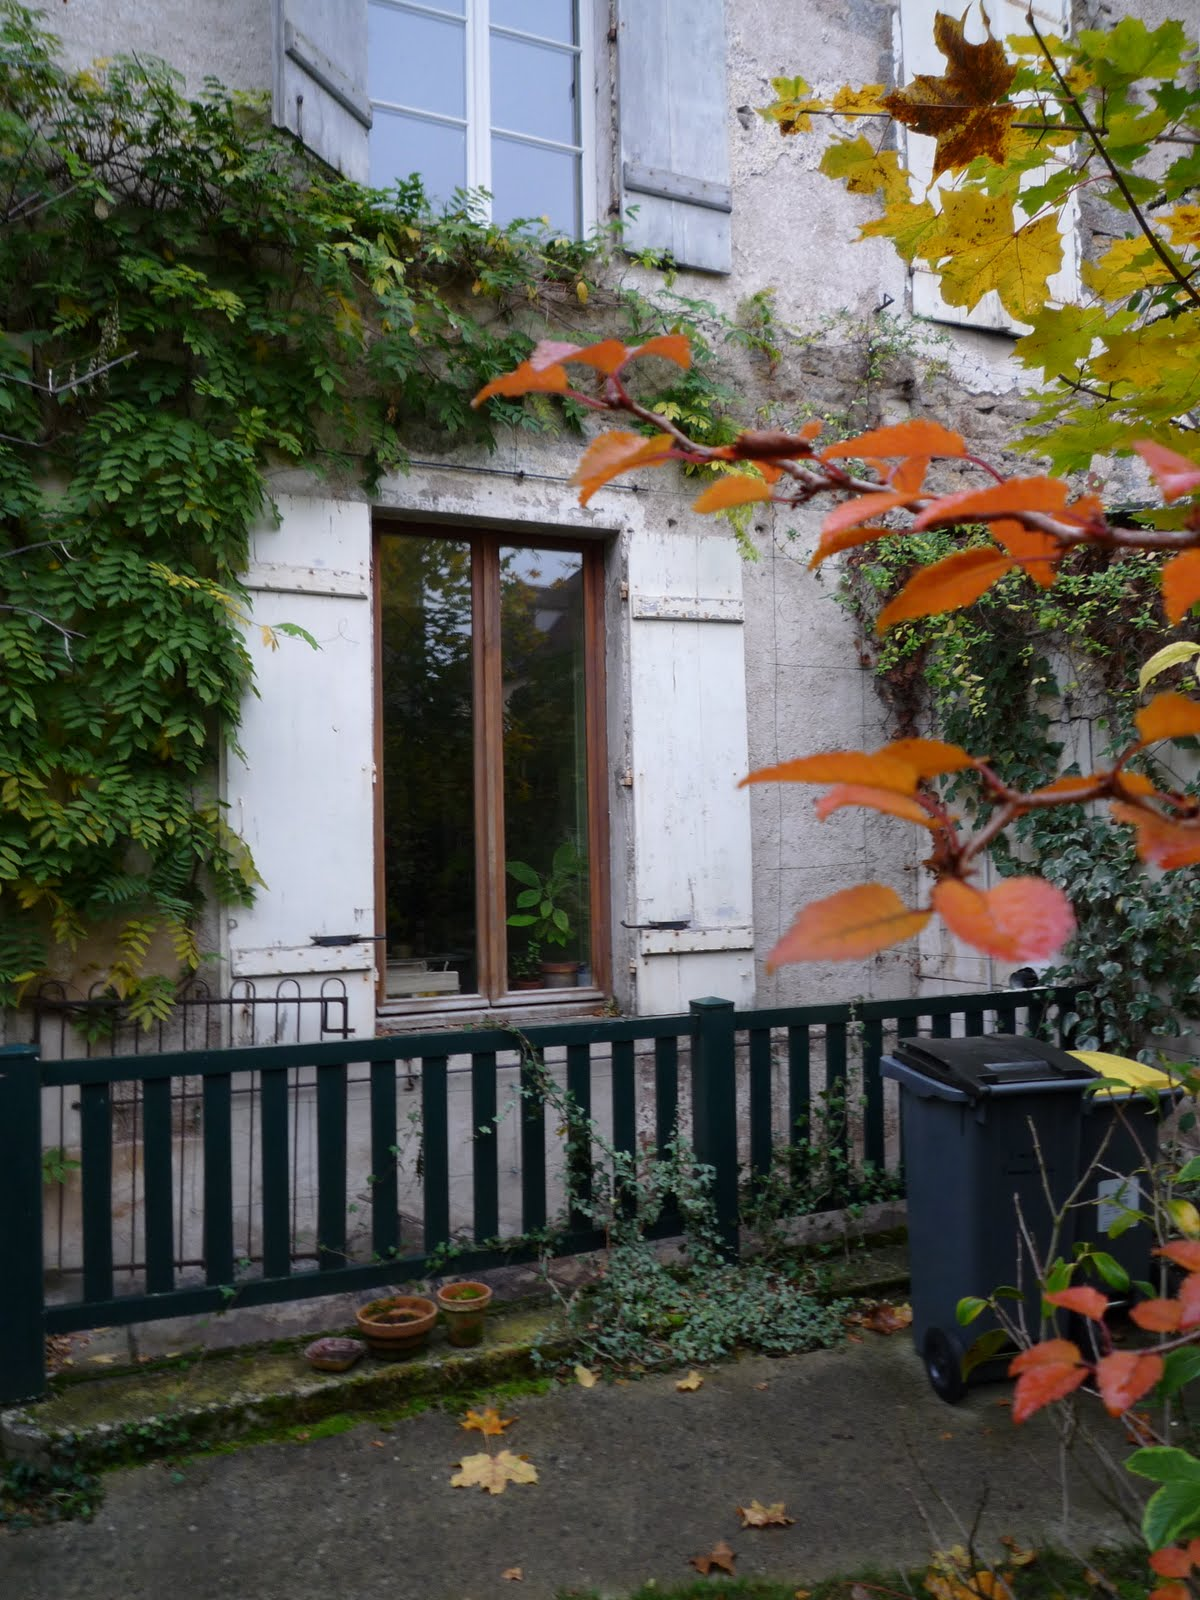 La nature en ville un jardin de ville for B b un jardin en ville brussels